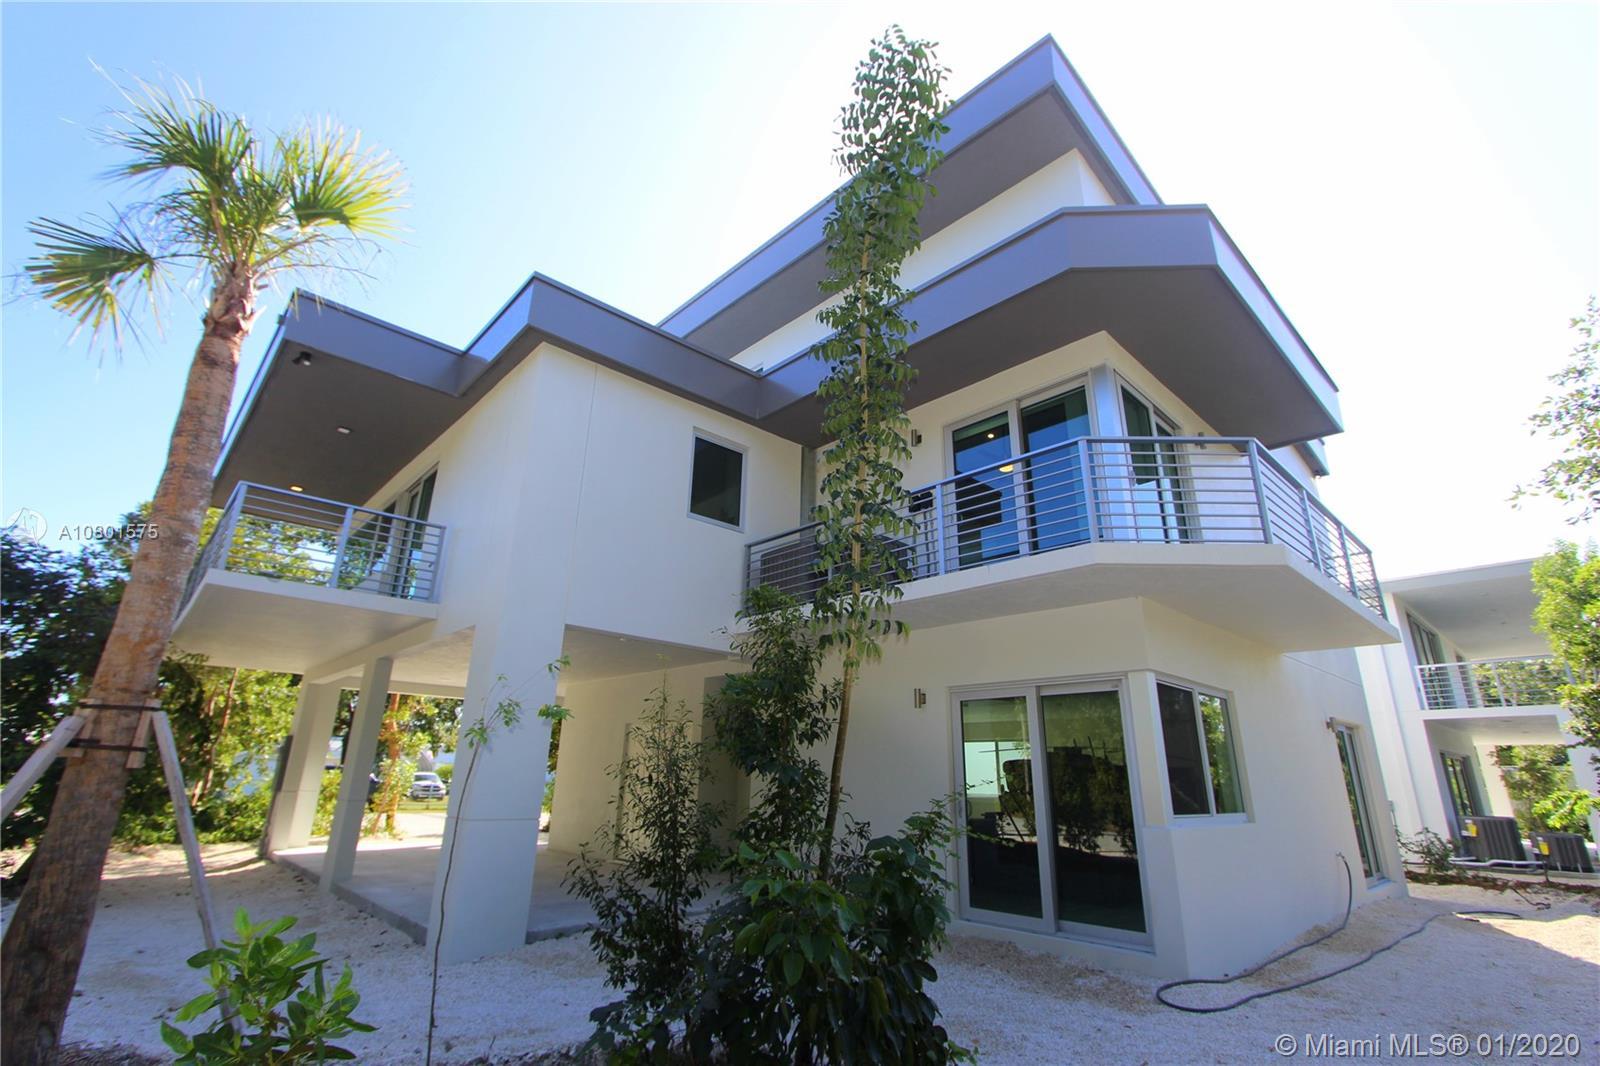 145 1st Rd, Key Largo, FL 33037 - Key Largo, FL real estate listing